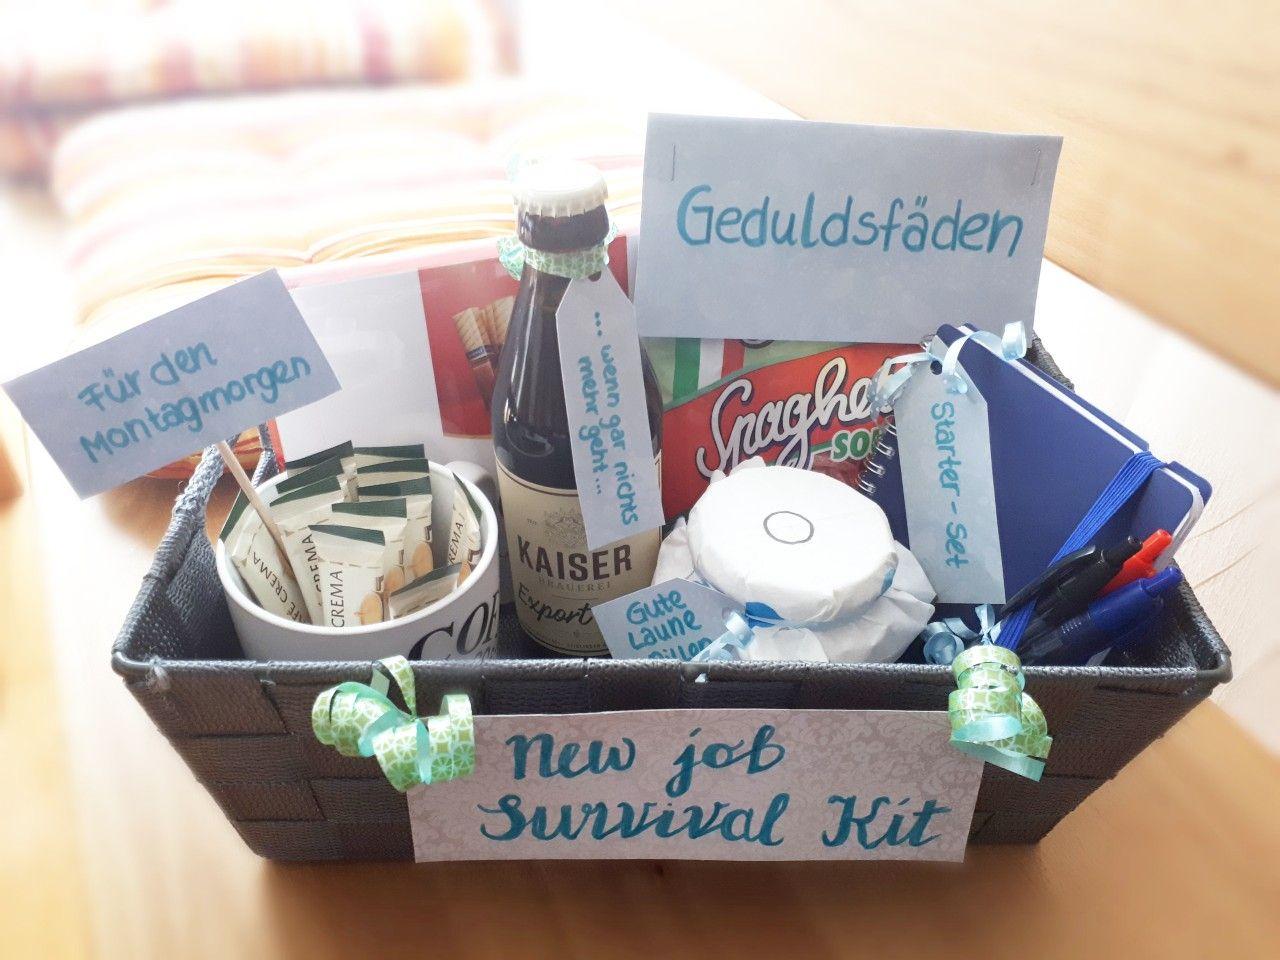 New Job Survival Kit | Geschenke zum abschied, Geschenke